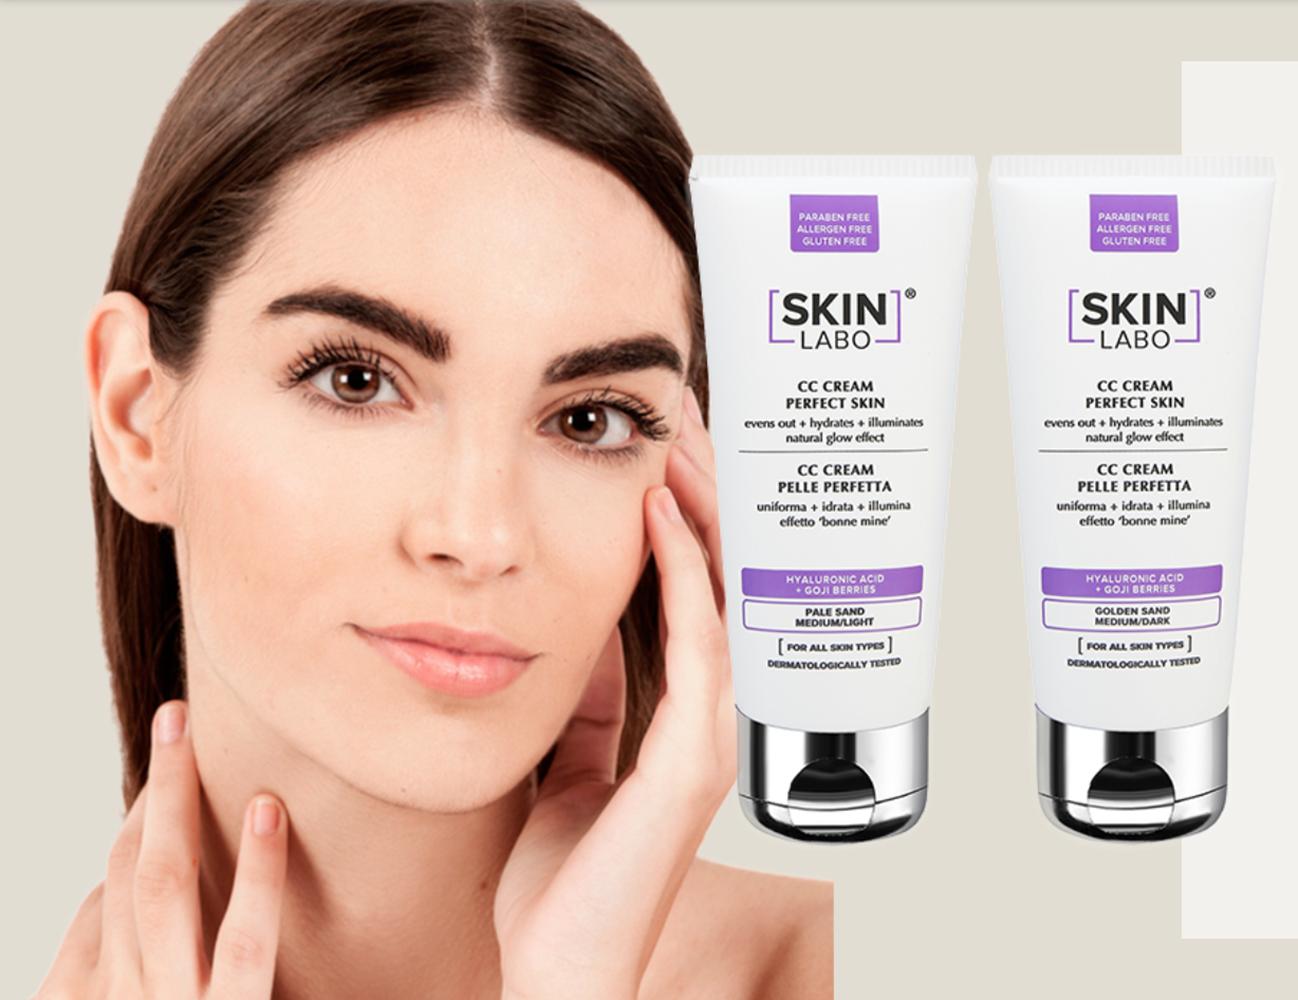 Skin Labo CC Cream